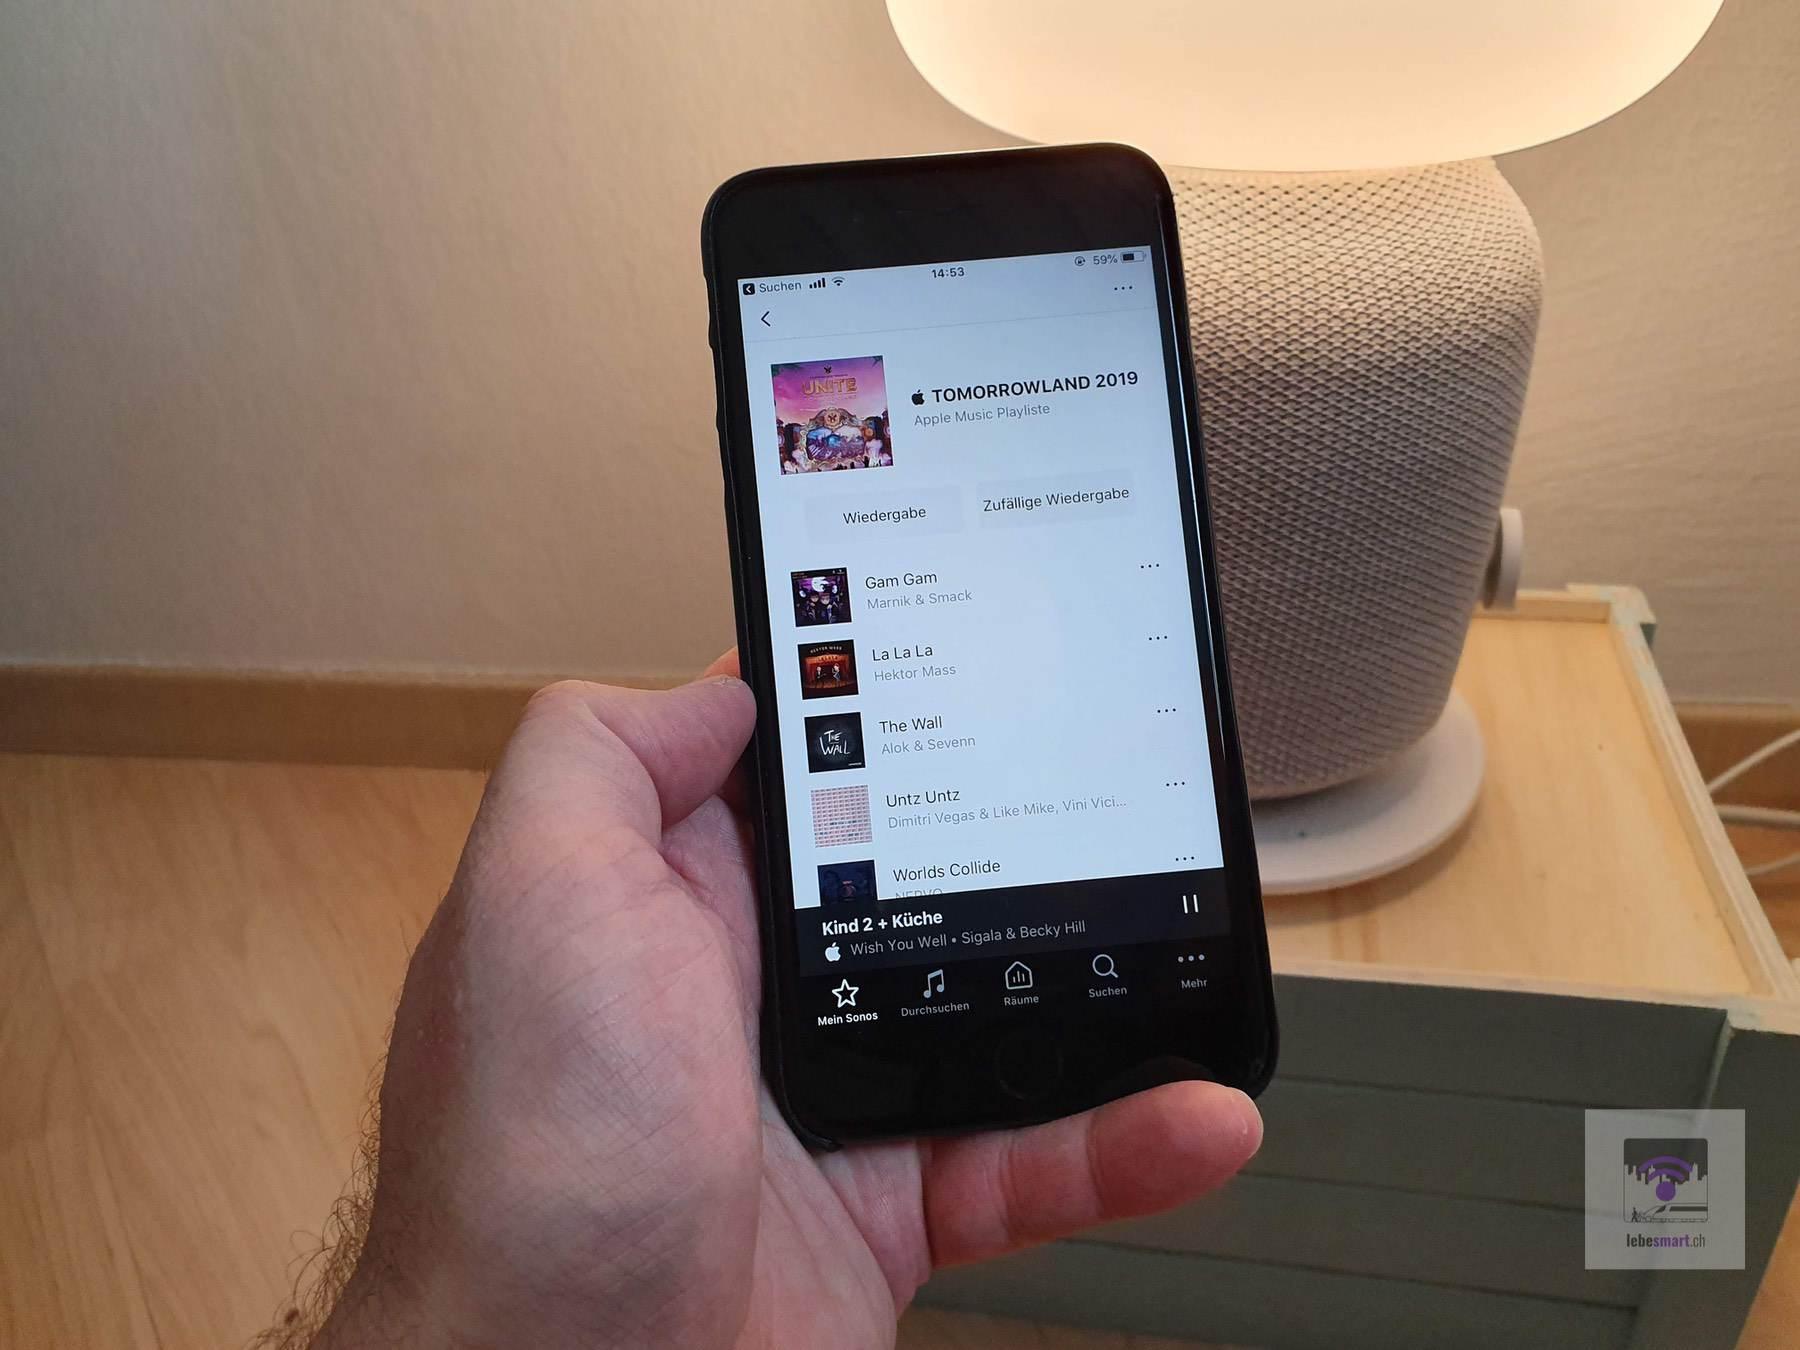 IKEA Symfonisk: Unboxing und erster Sound-Test